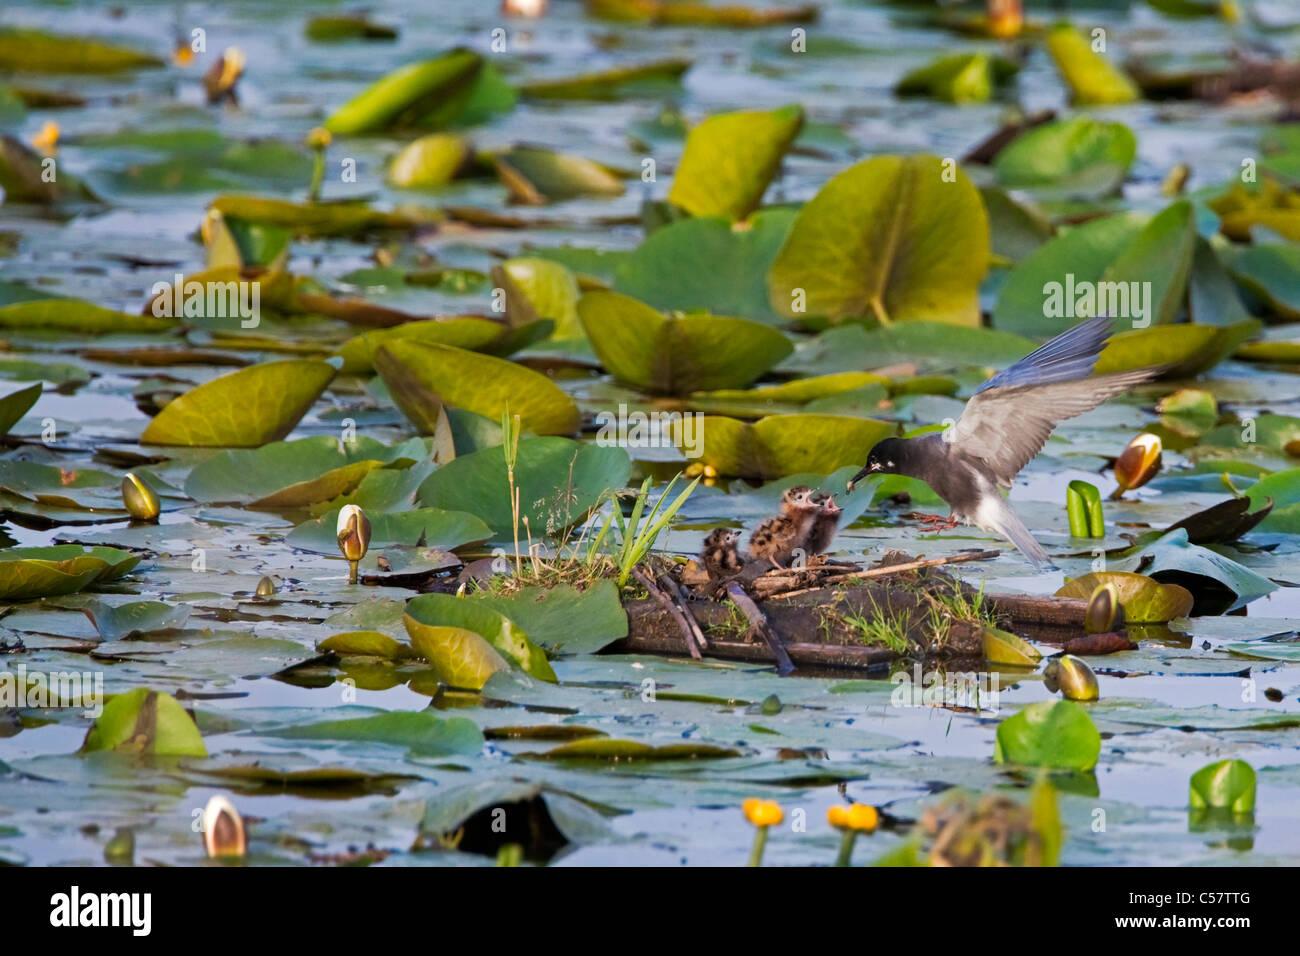 Los Países Bajos, Sluis, Parque Nacional llamado Zouweboezem. Los gaviotines negros, Chlidonias niger, la cría. Foto de stock